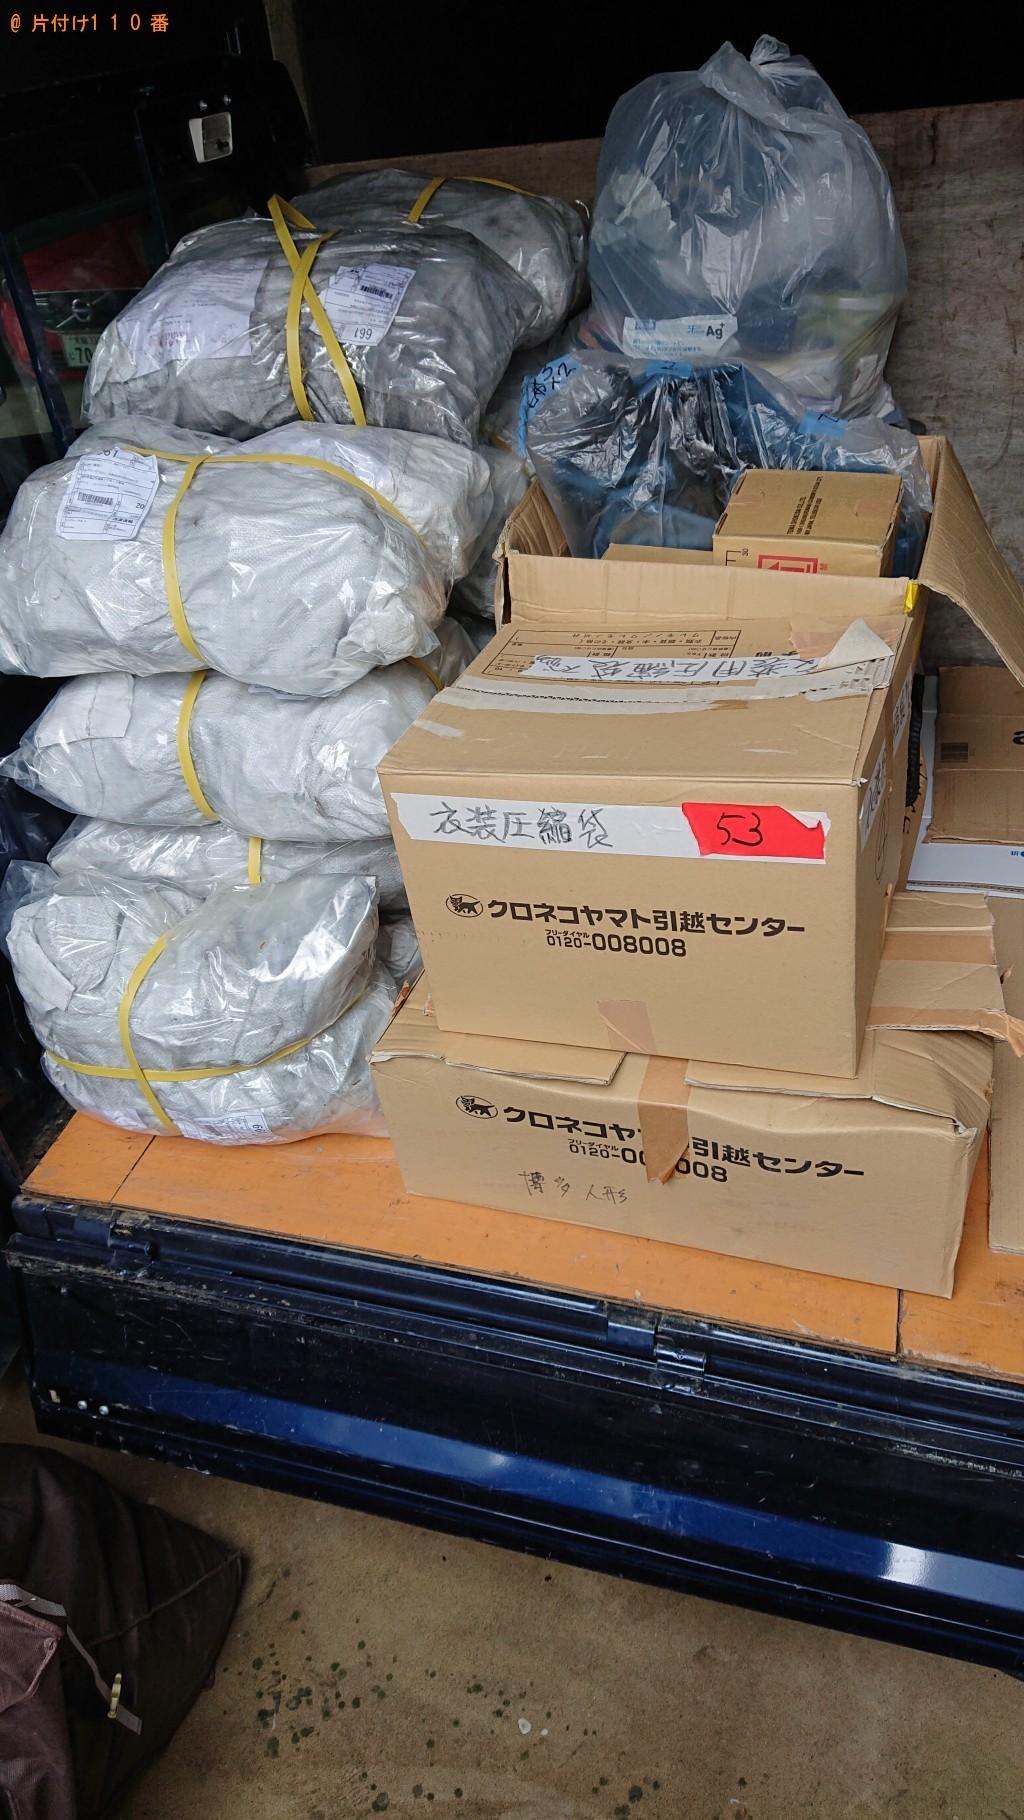 【箕面市】2tトラック1台程度の出張不用品の回収・処分ご依頼